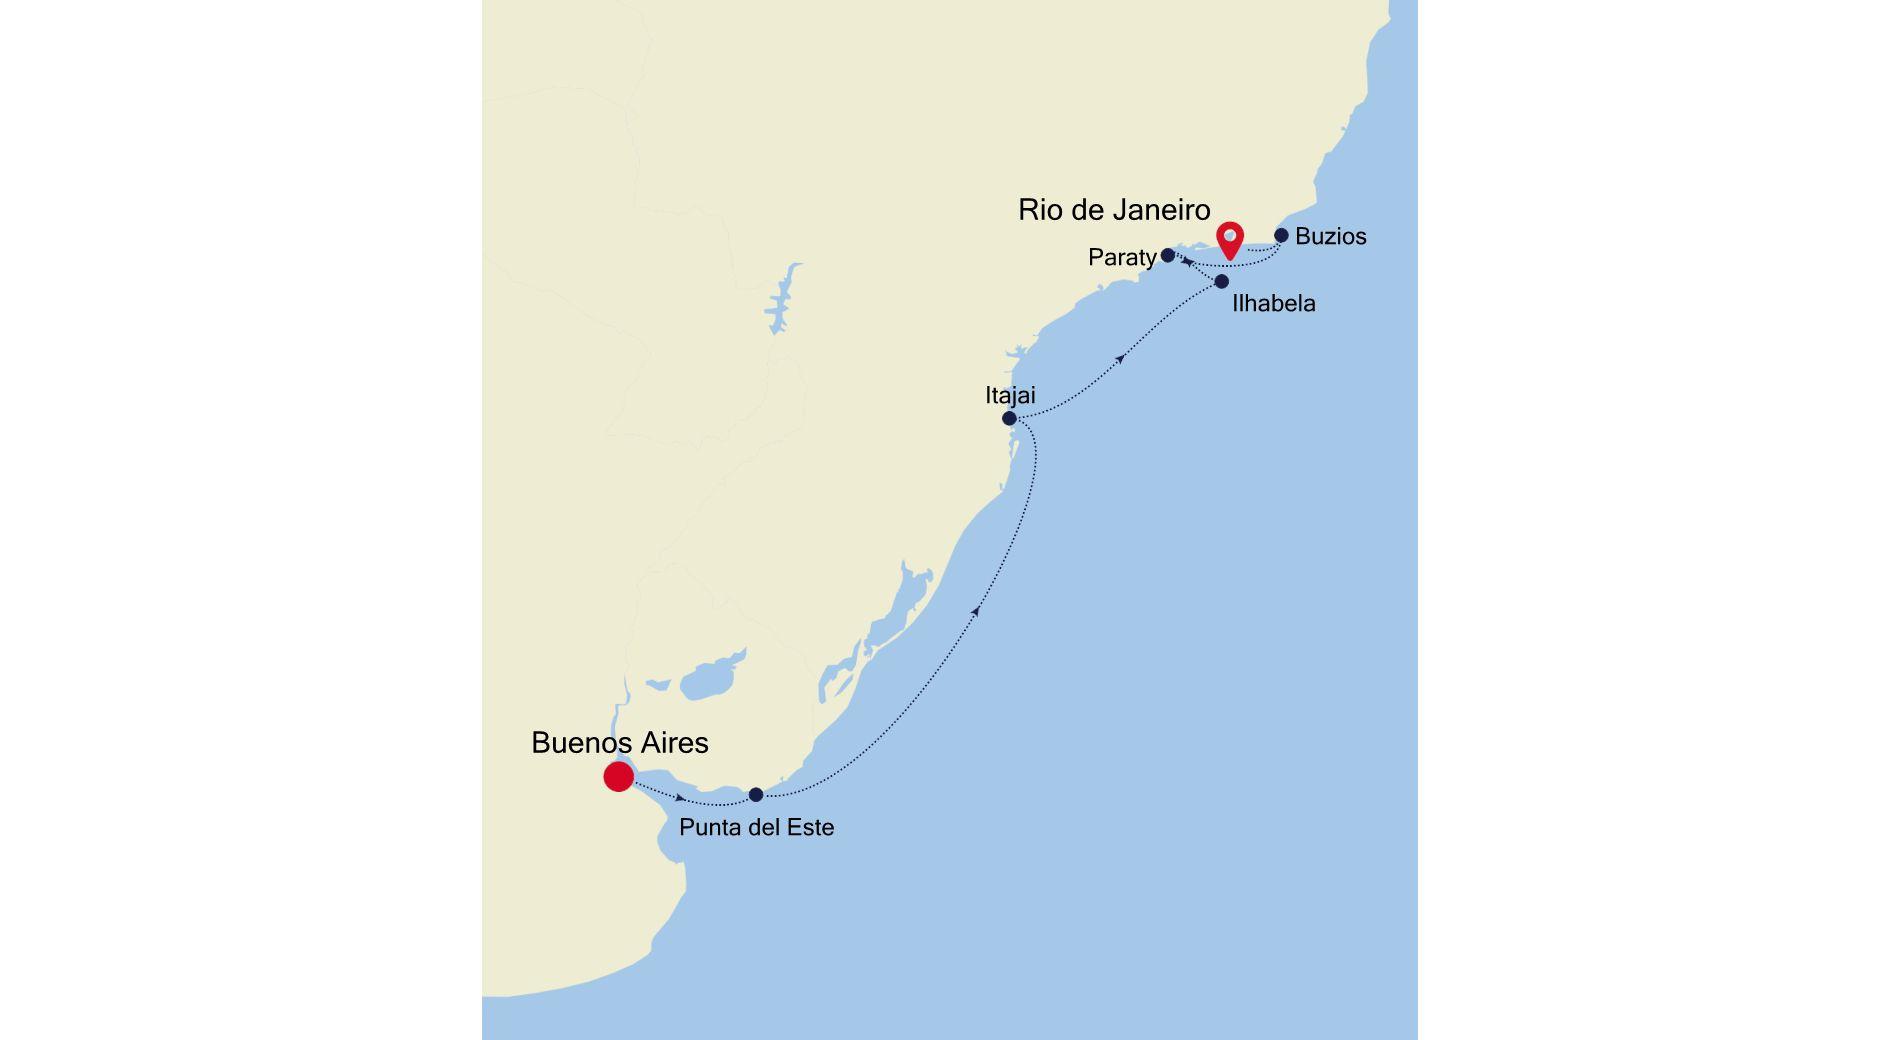 MO210214010 - Buenos Aires à Rio de Janeiro